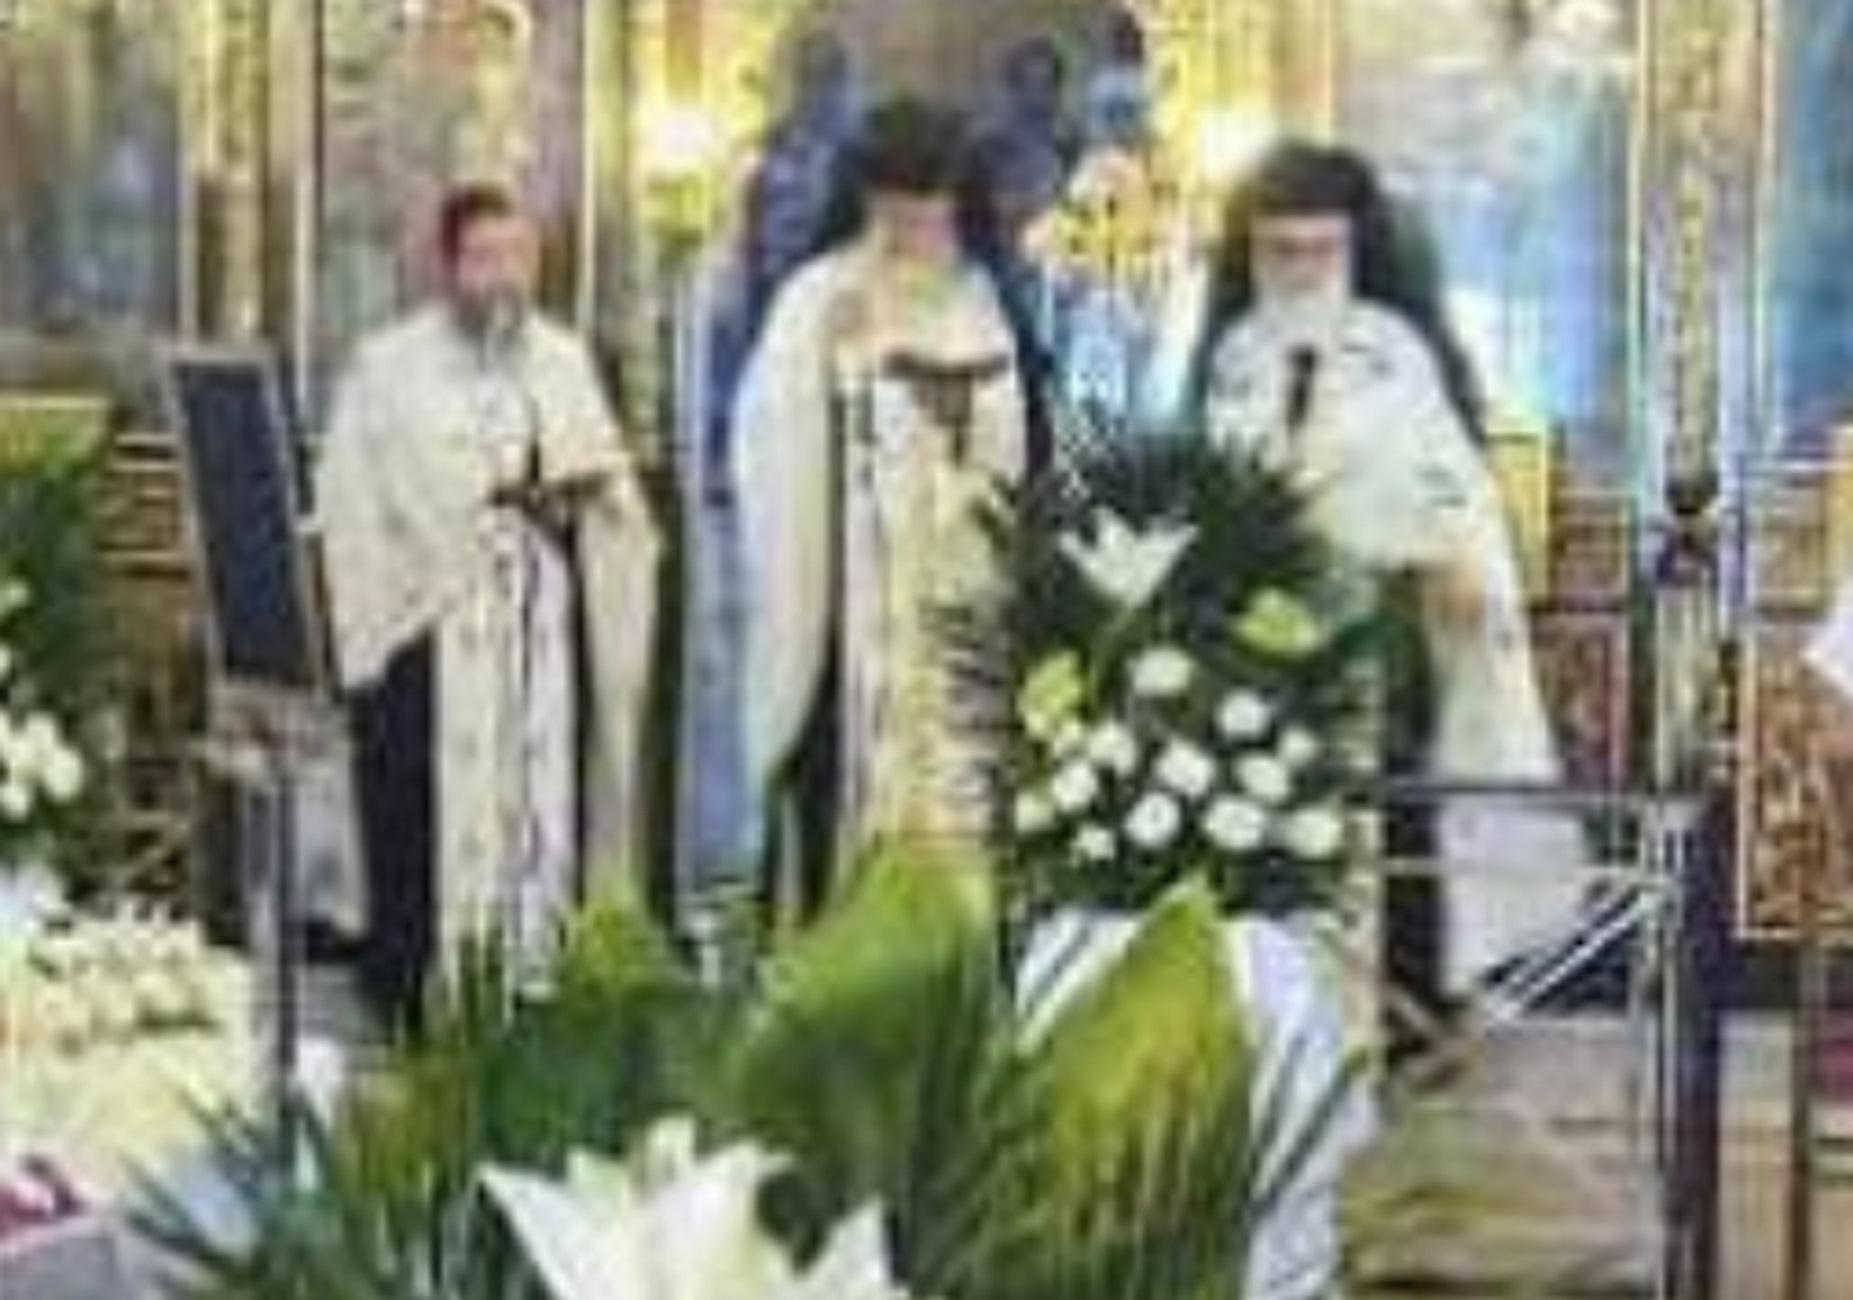 Λάρισα: Συγκίνηση για τα τρία αδέρφια που συλλειτούργησαν στην κηδεία της μητέρας τους